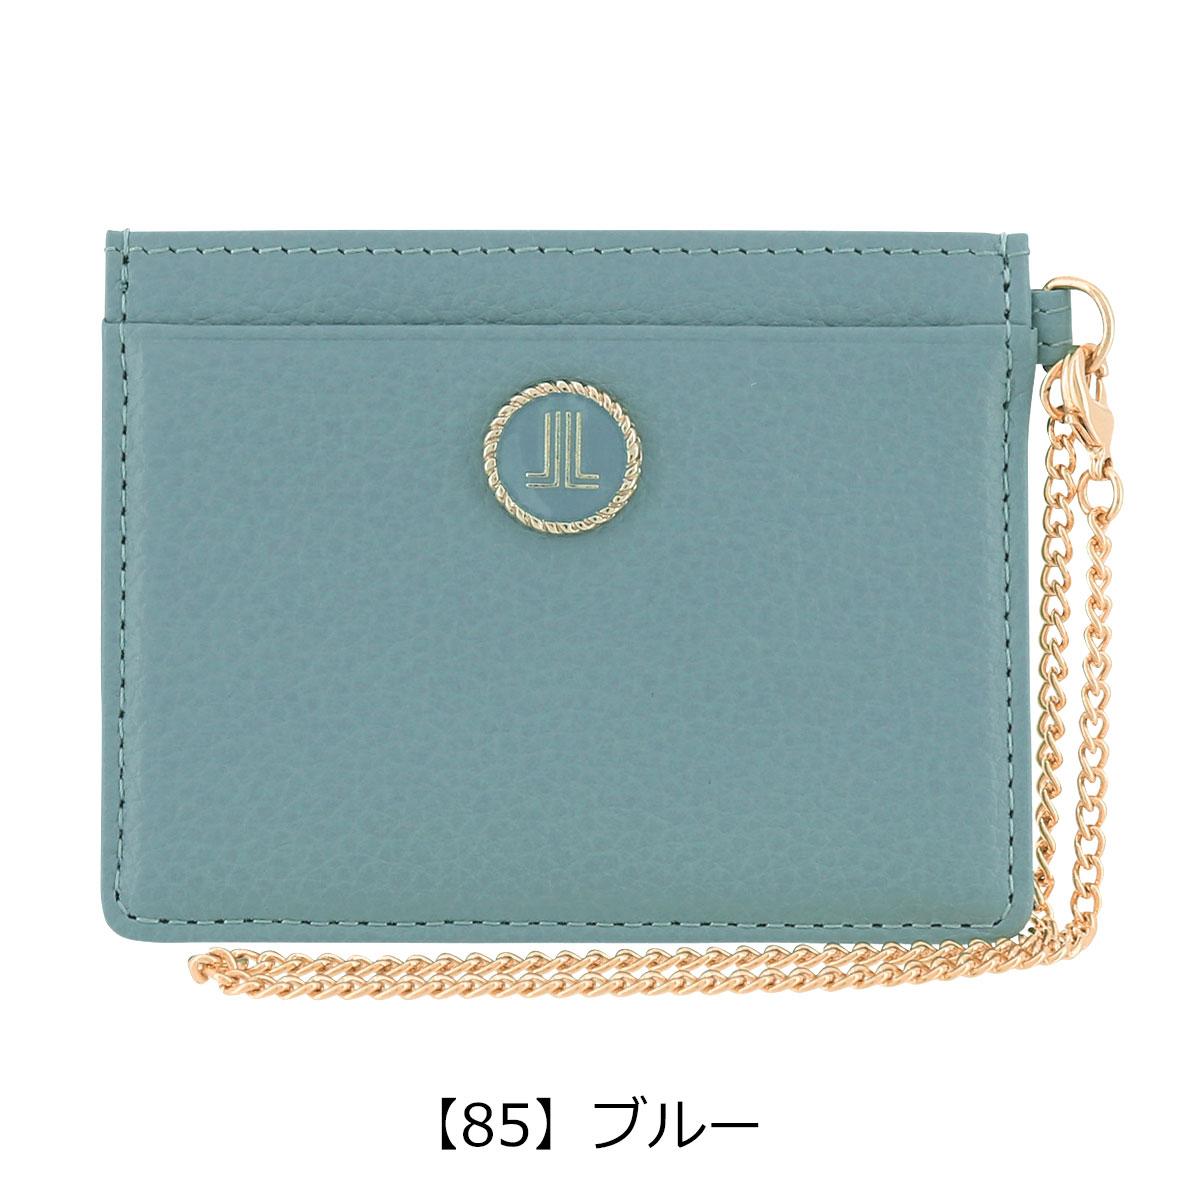 【85】ブルー